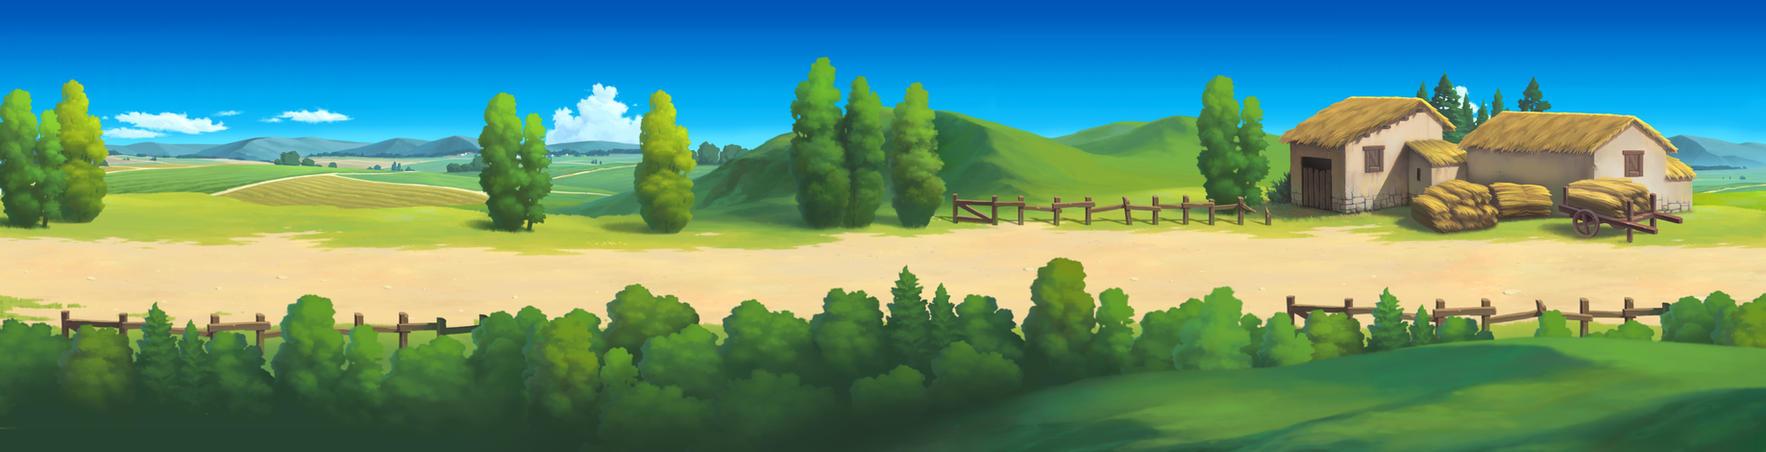 2d Game Background Resource By Painterhoya On Deviantart